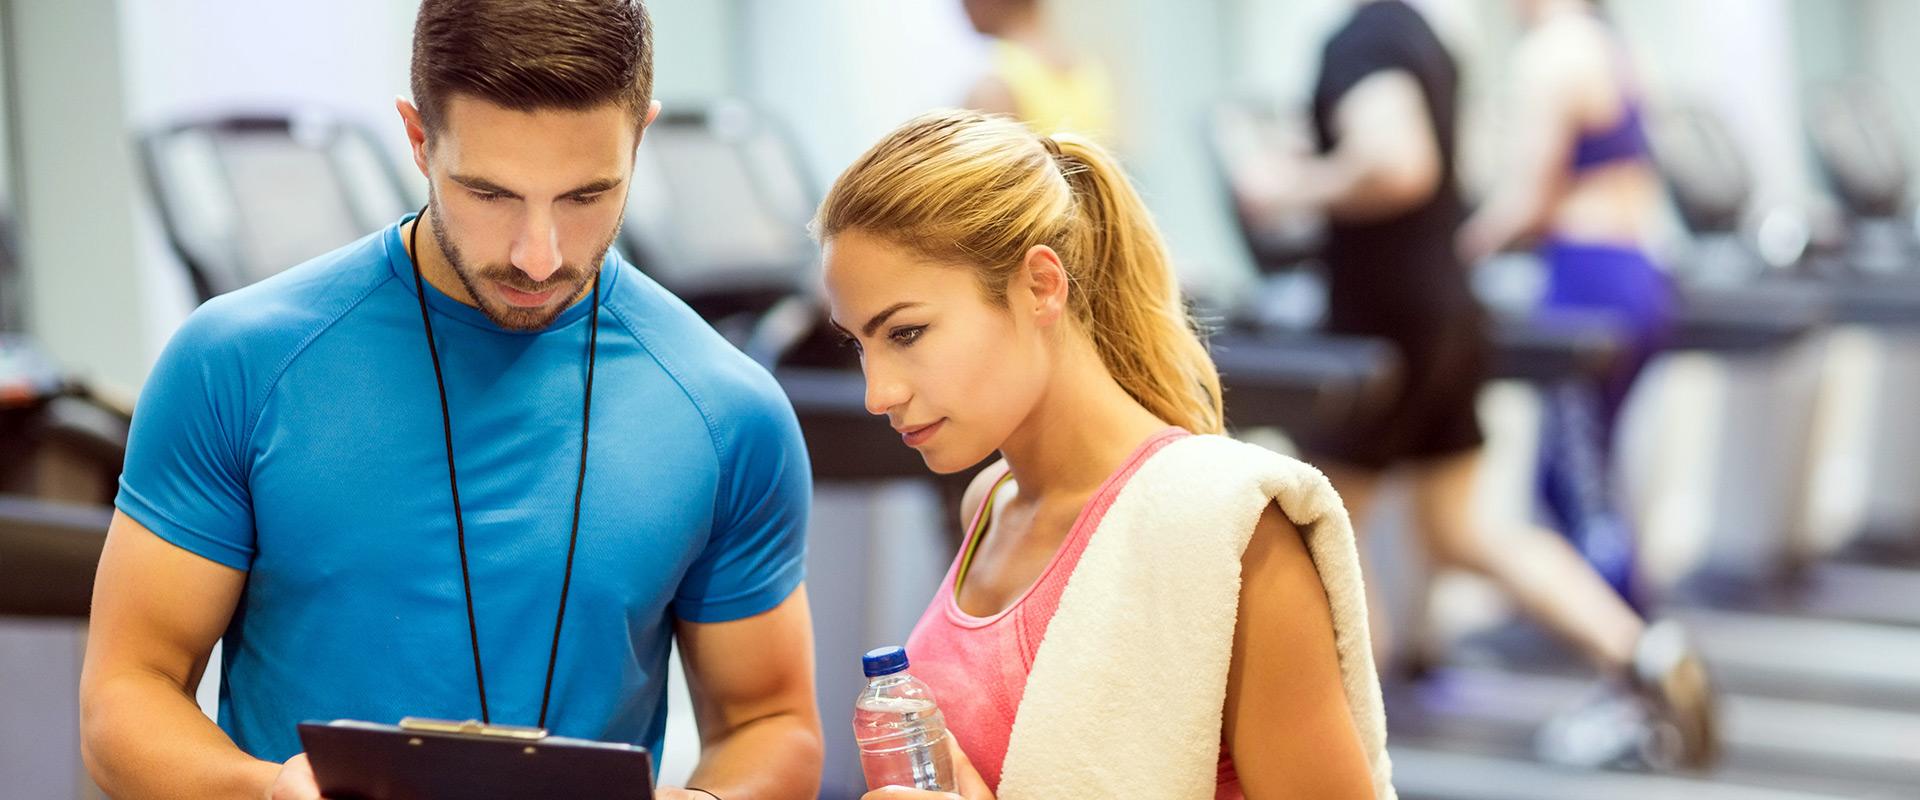 Porady i wskazówki dietetyczne + dieta